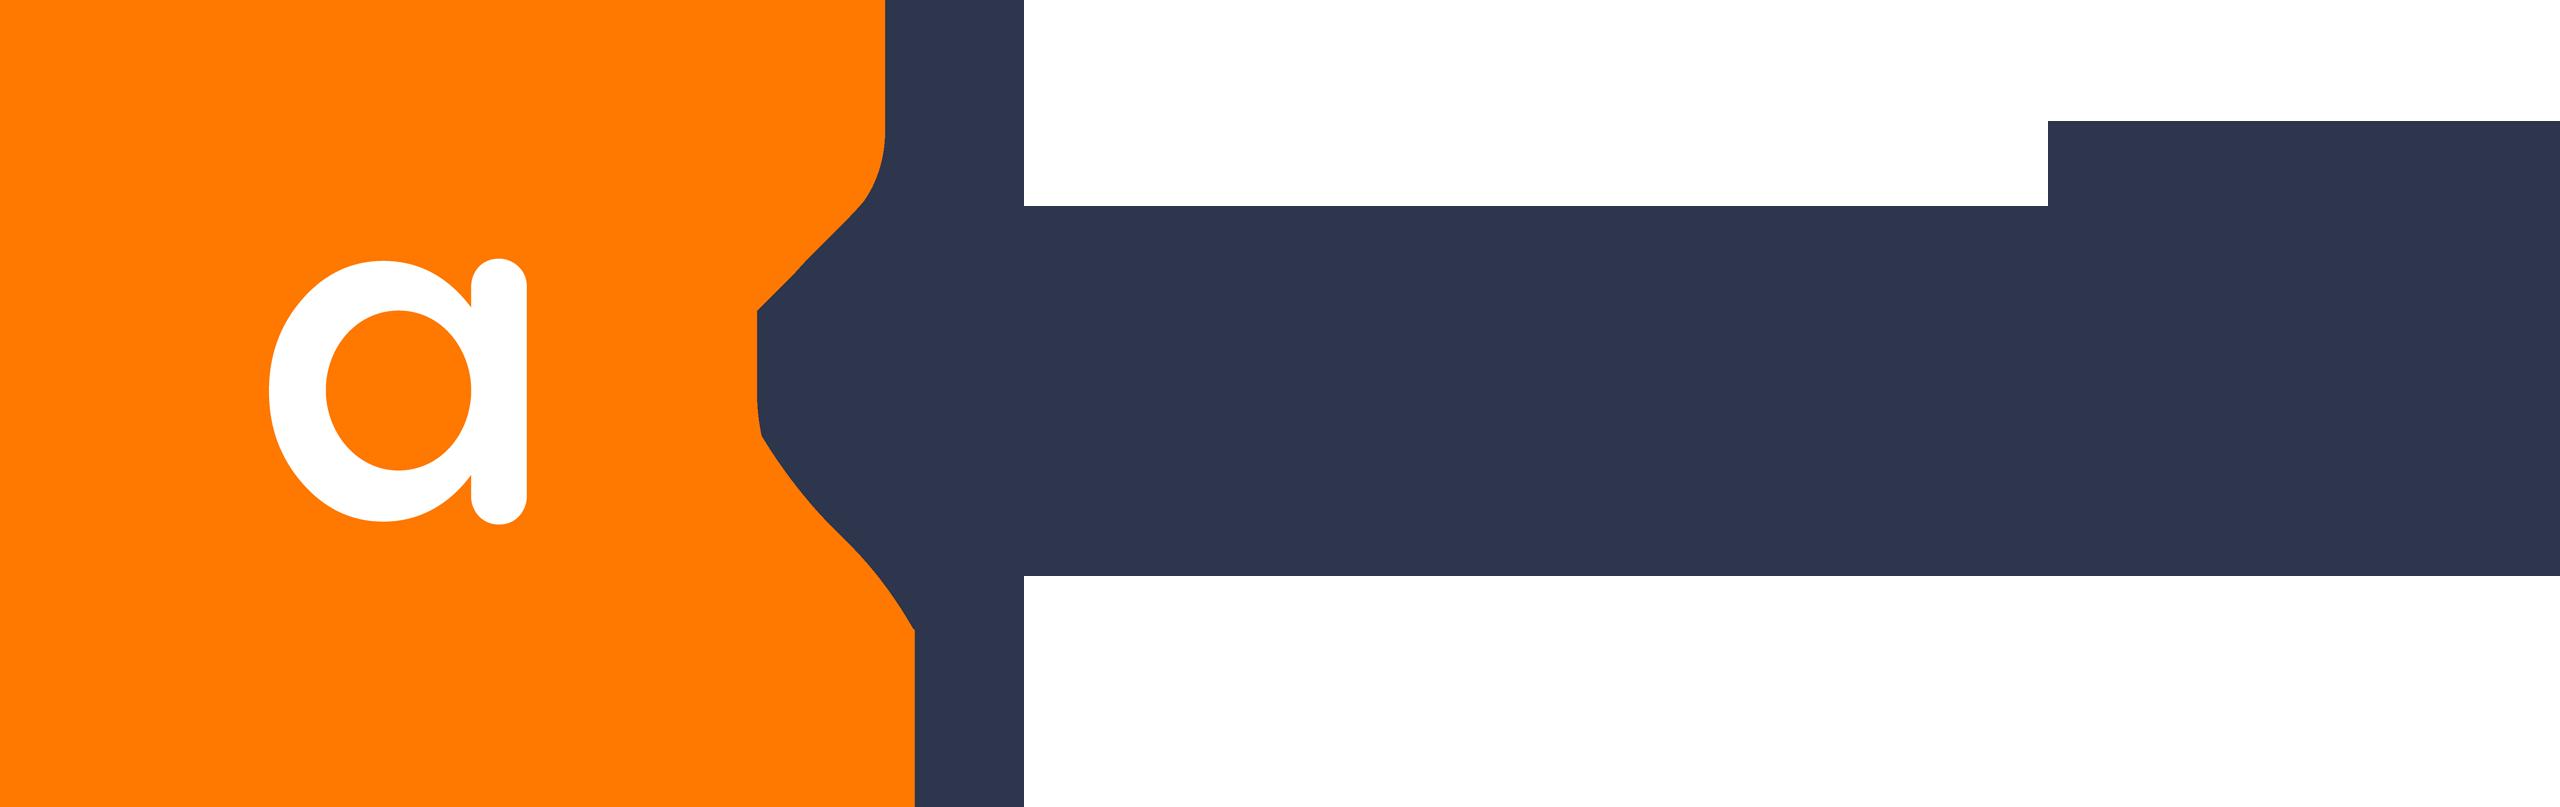 Materiales de Avast para medios de comunicación.